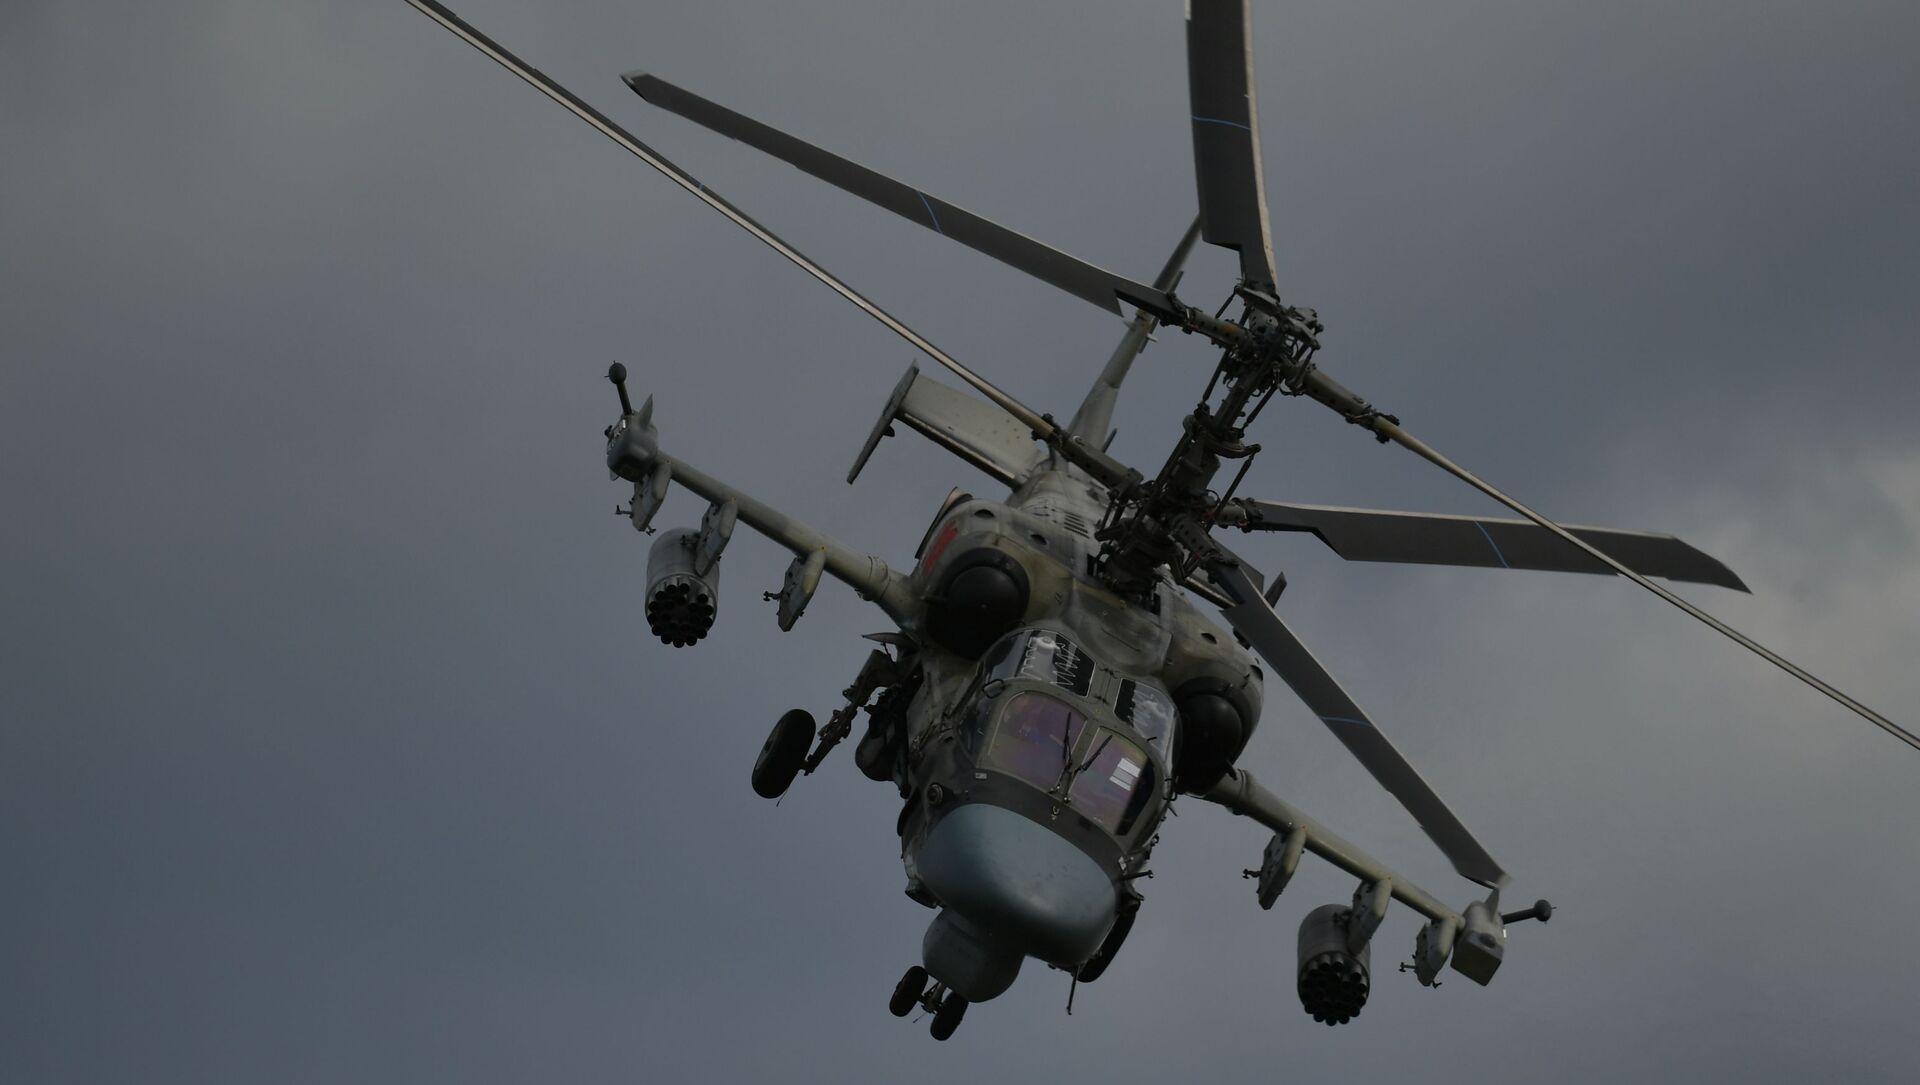 Хеликоптер Ка-52 Алигатор на V Међународном војно-техничком форуму Армија 2019 - Sputnik Србија, 1920, 10.02.2021